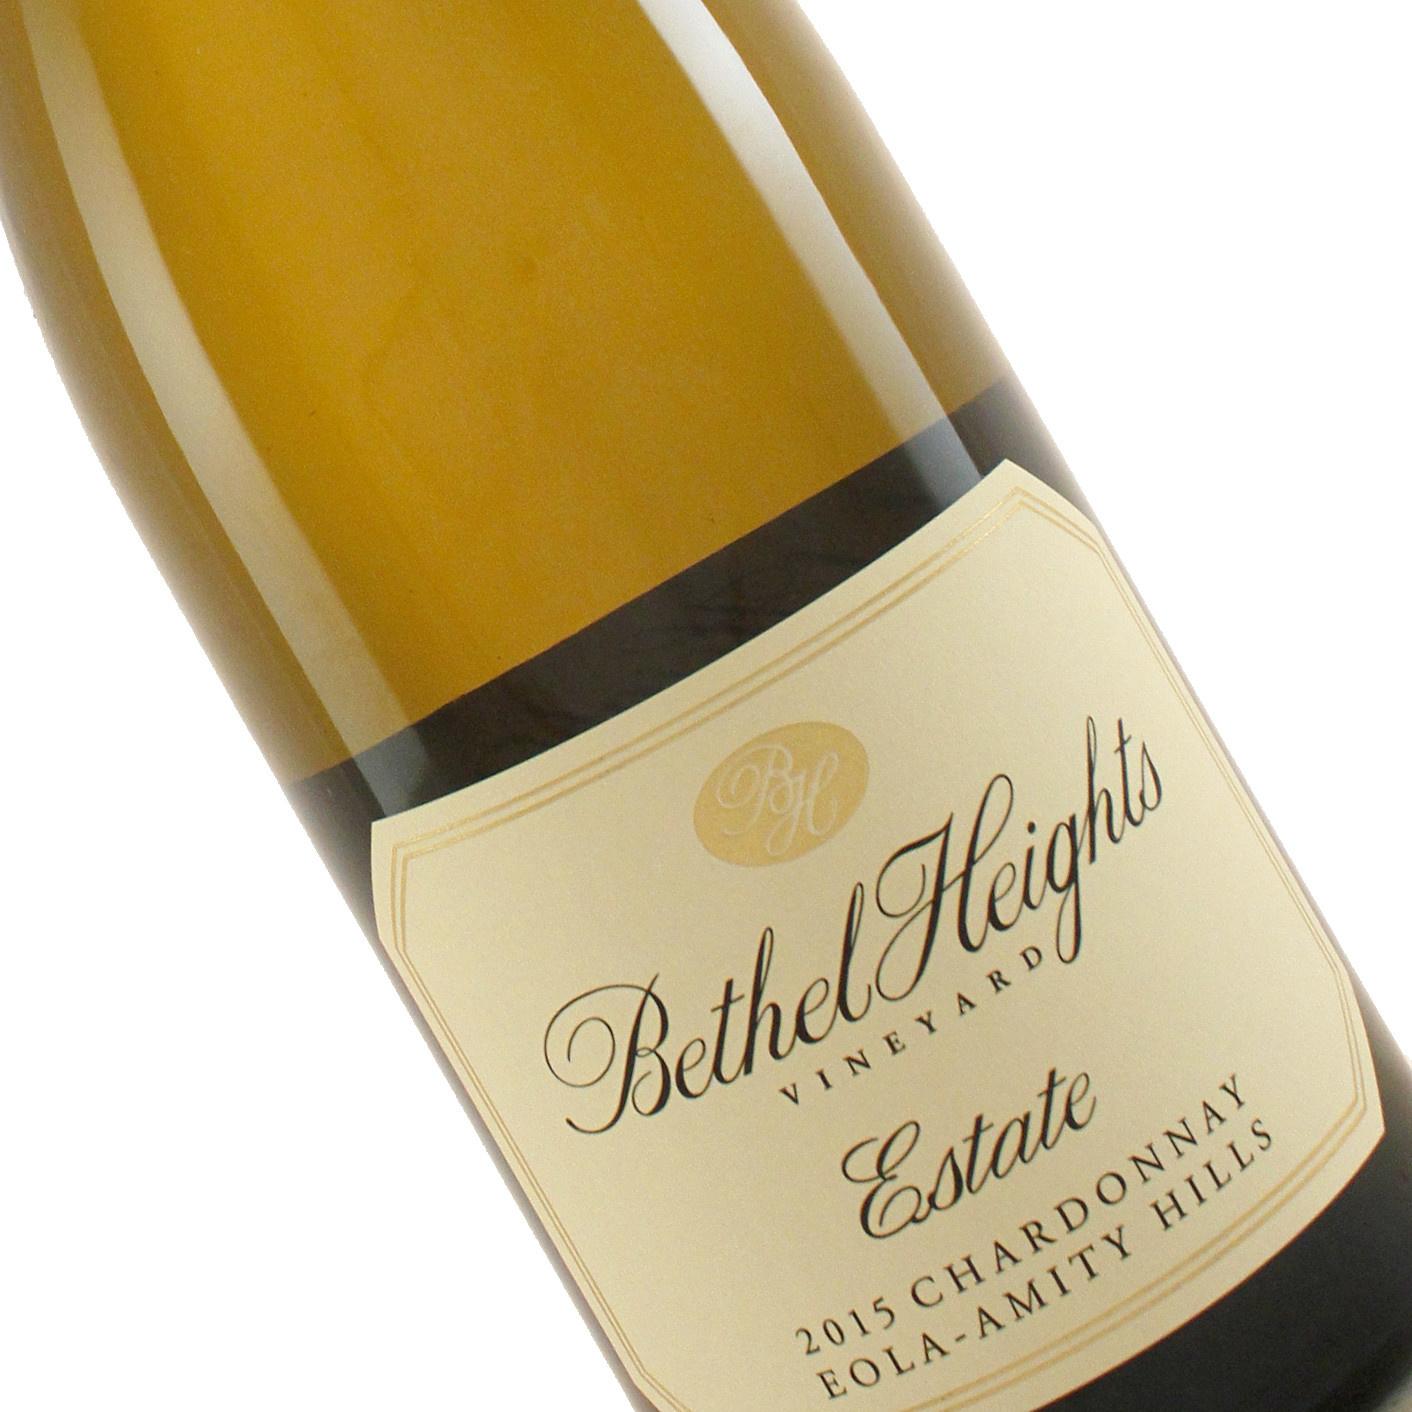 Bethel Heights 2015 Chardonnay Eola-Amity Hills, Oregon